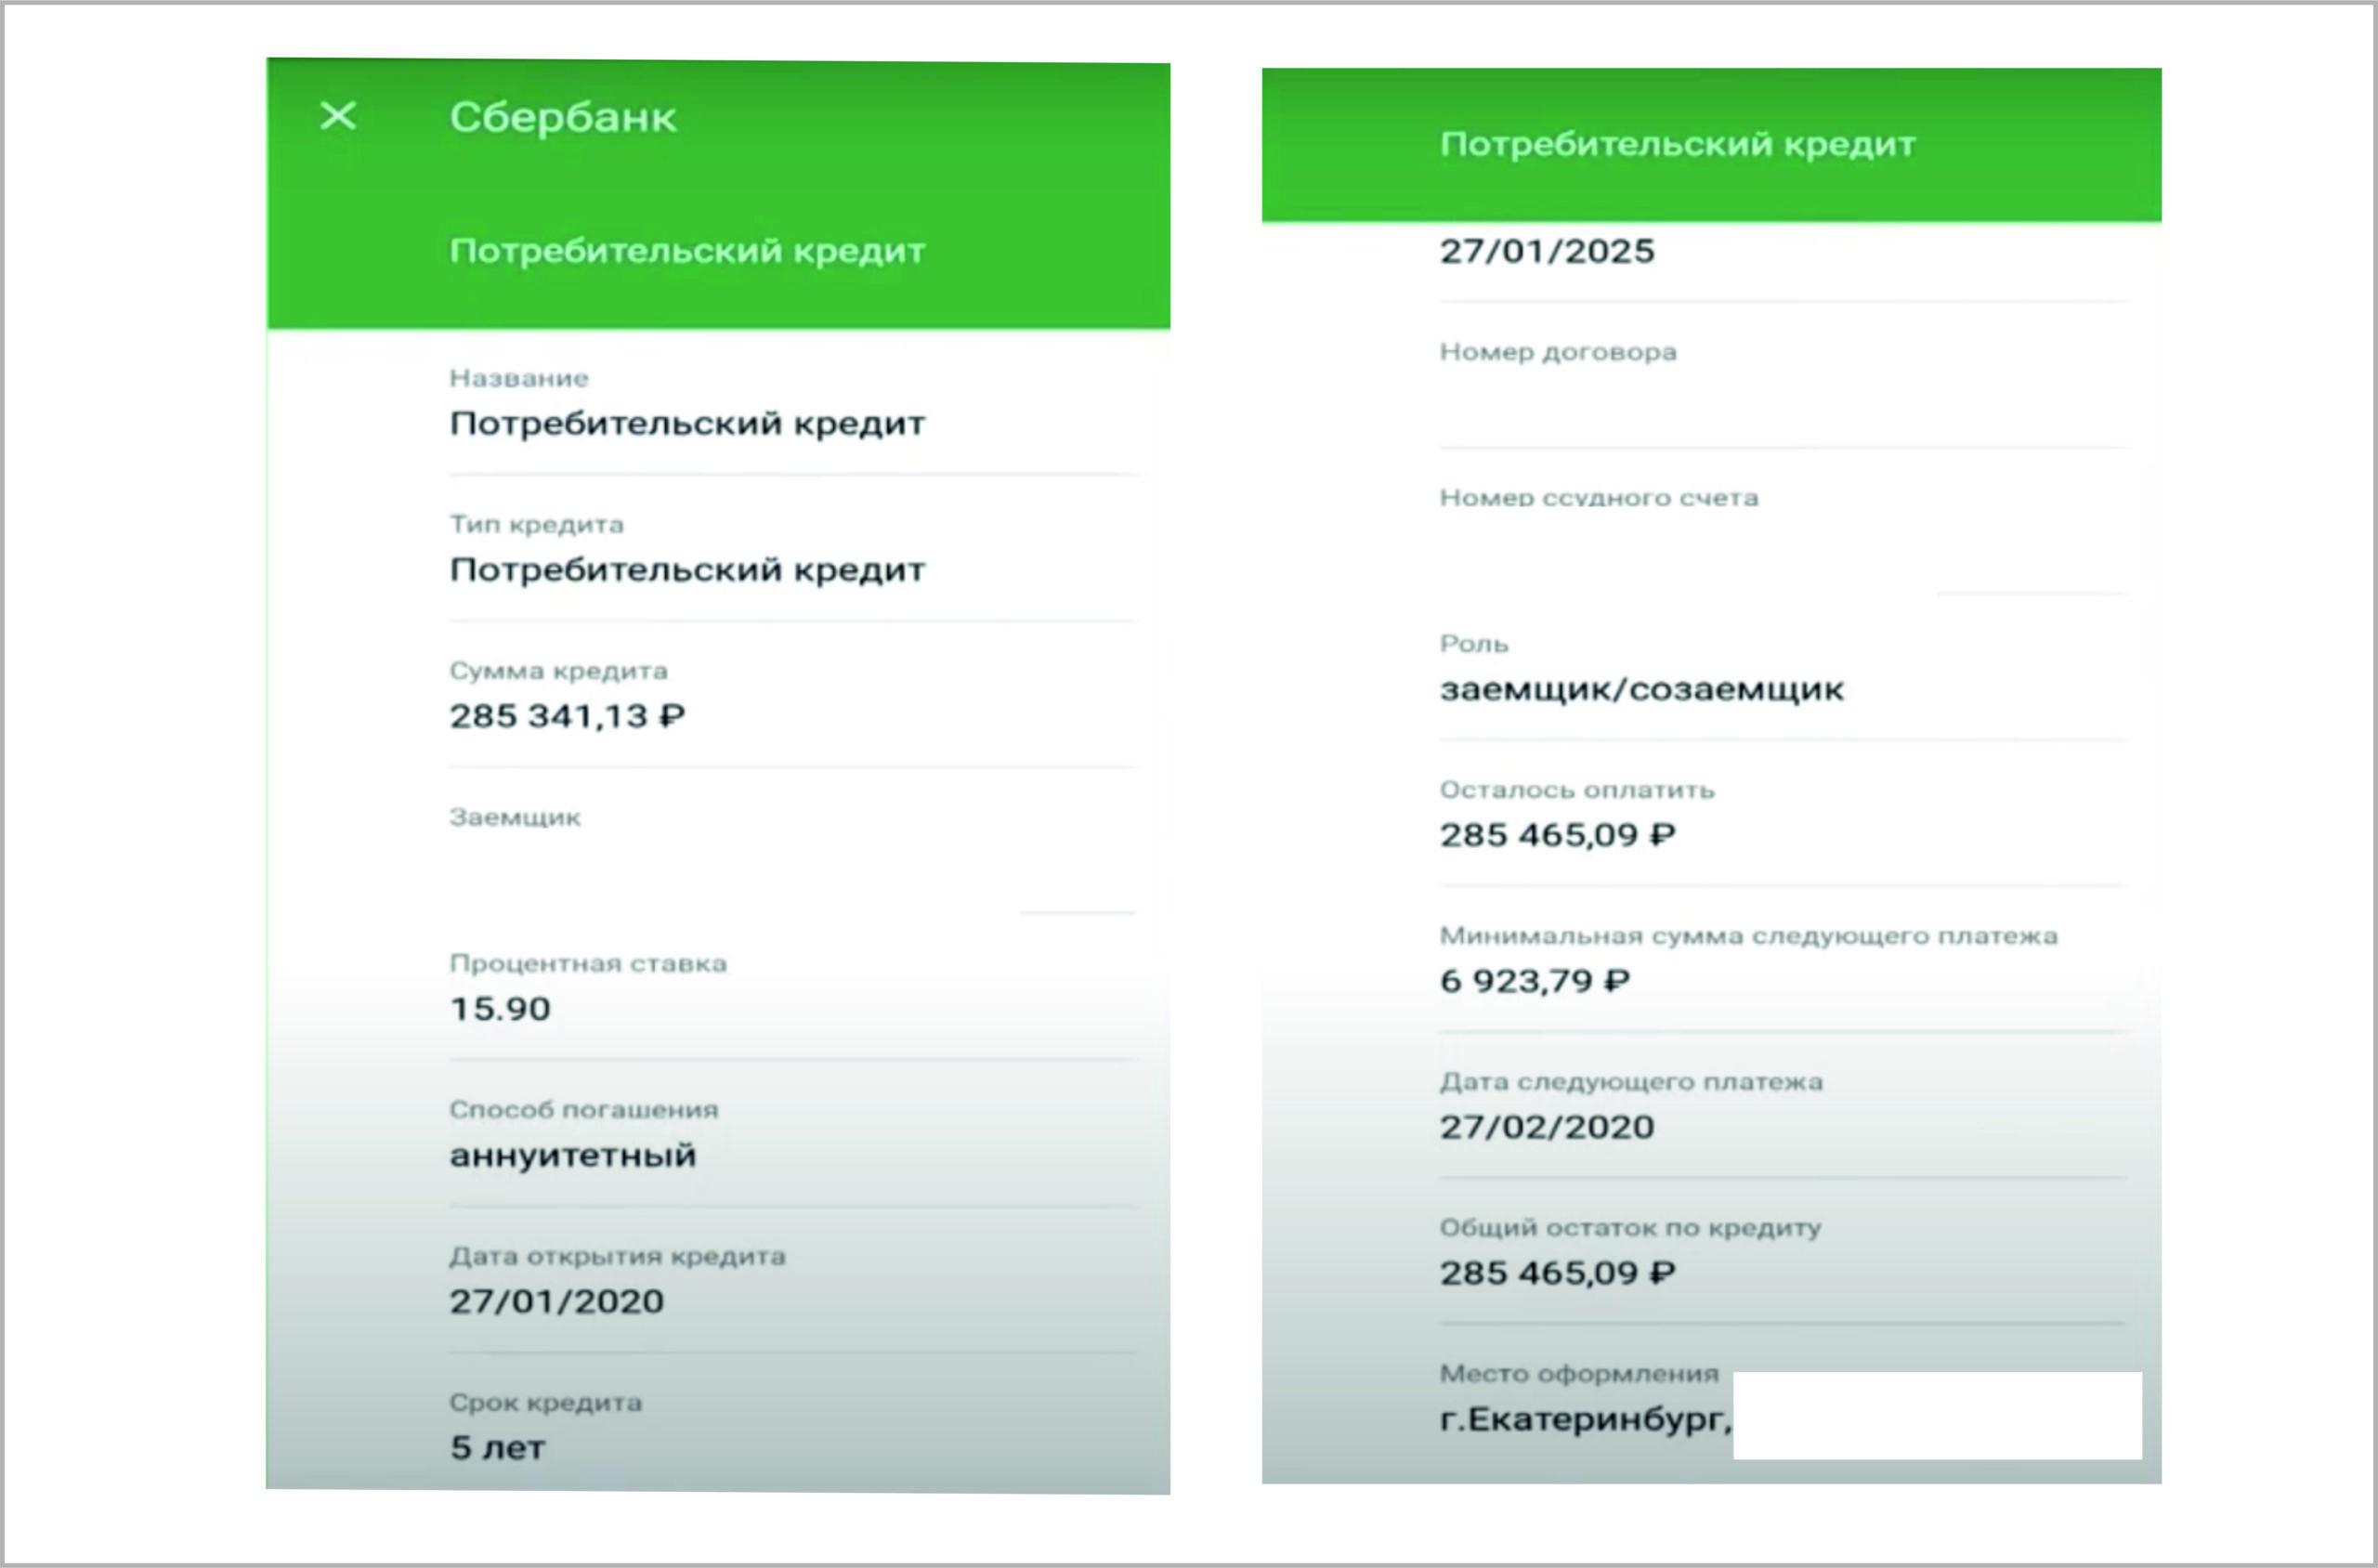 Как отказаться от страховки Сбербанк онлайн: пошаговая инструкция 2021 года